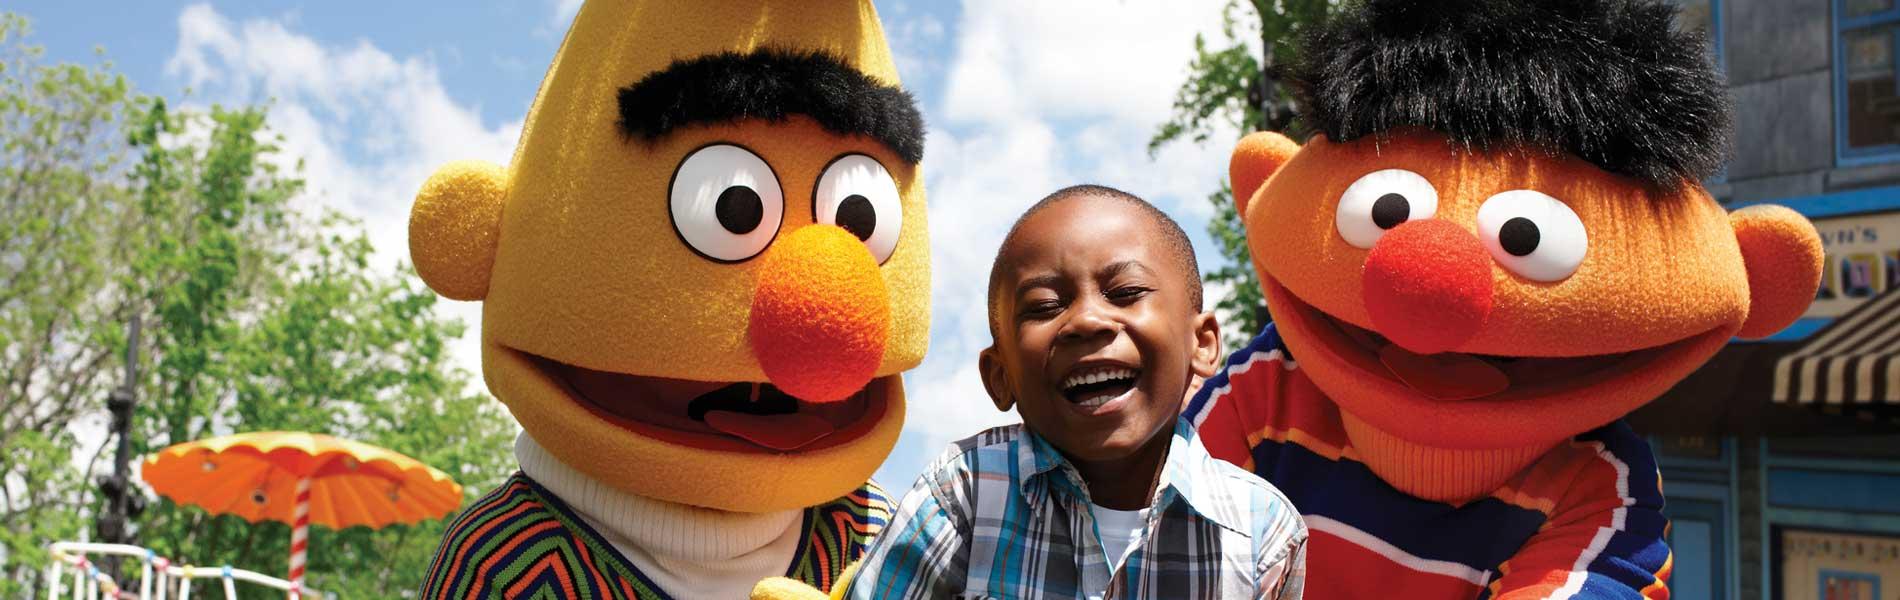 Bert and Ernie parade